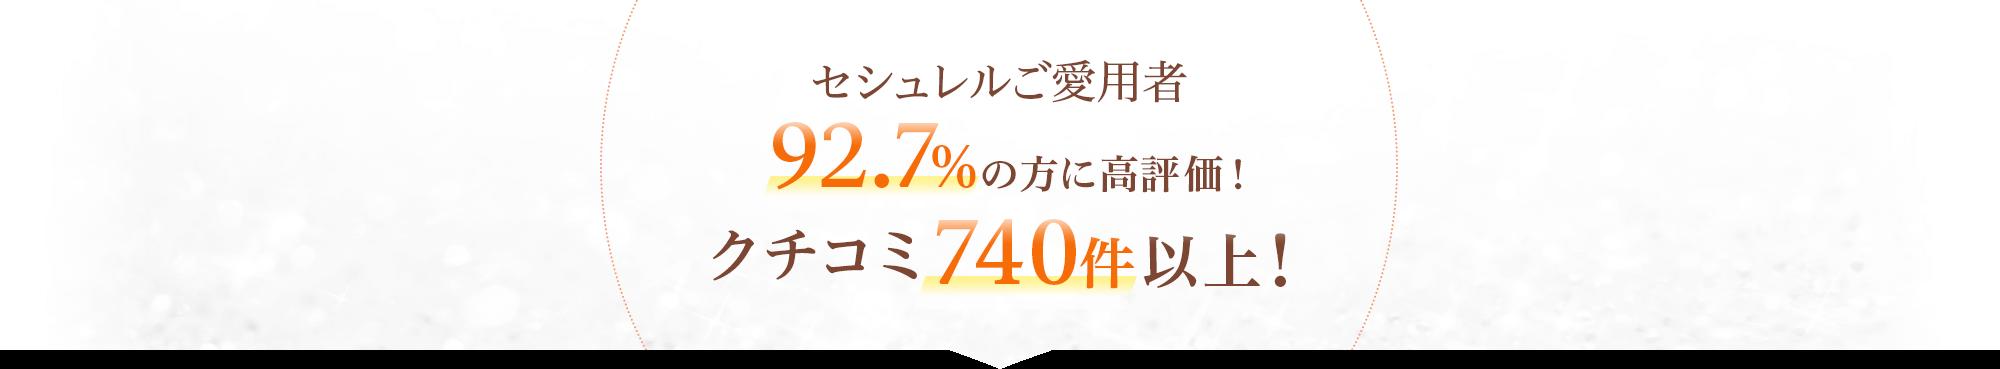 セシュレルご愛用者92.7%の方に高評価!クチコミ740件以上!